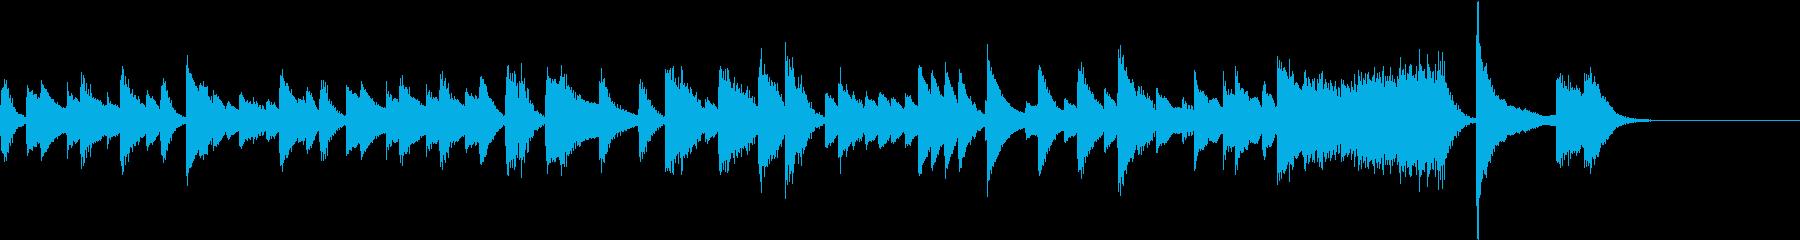 西部劇のようなブギウギ調のピアノジングルの再生済みの波形